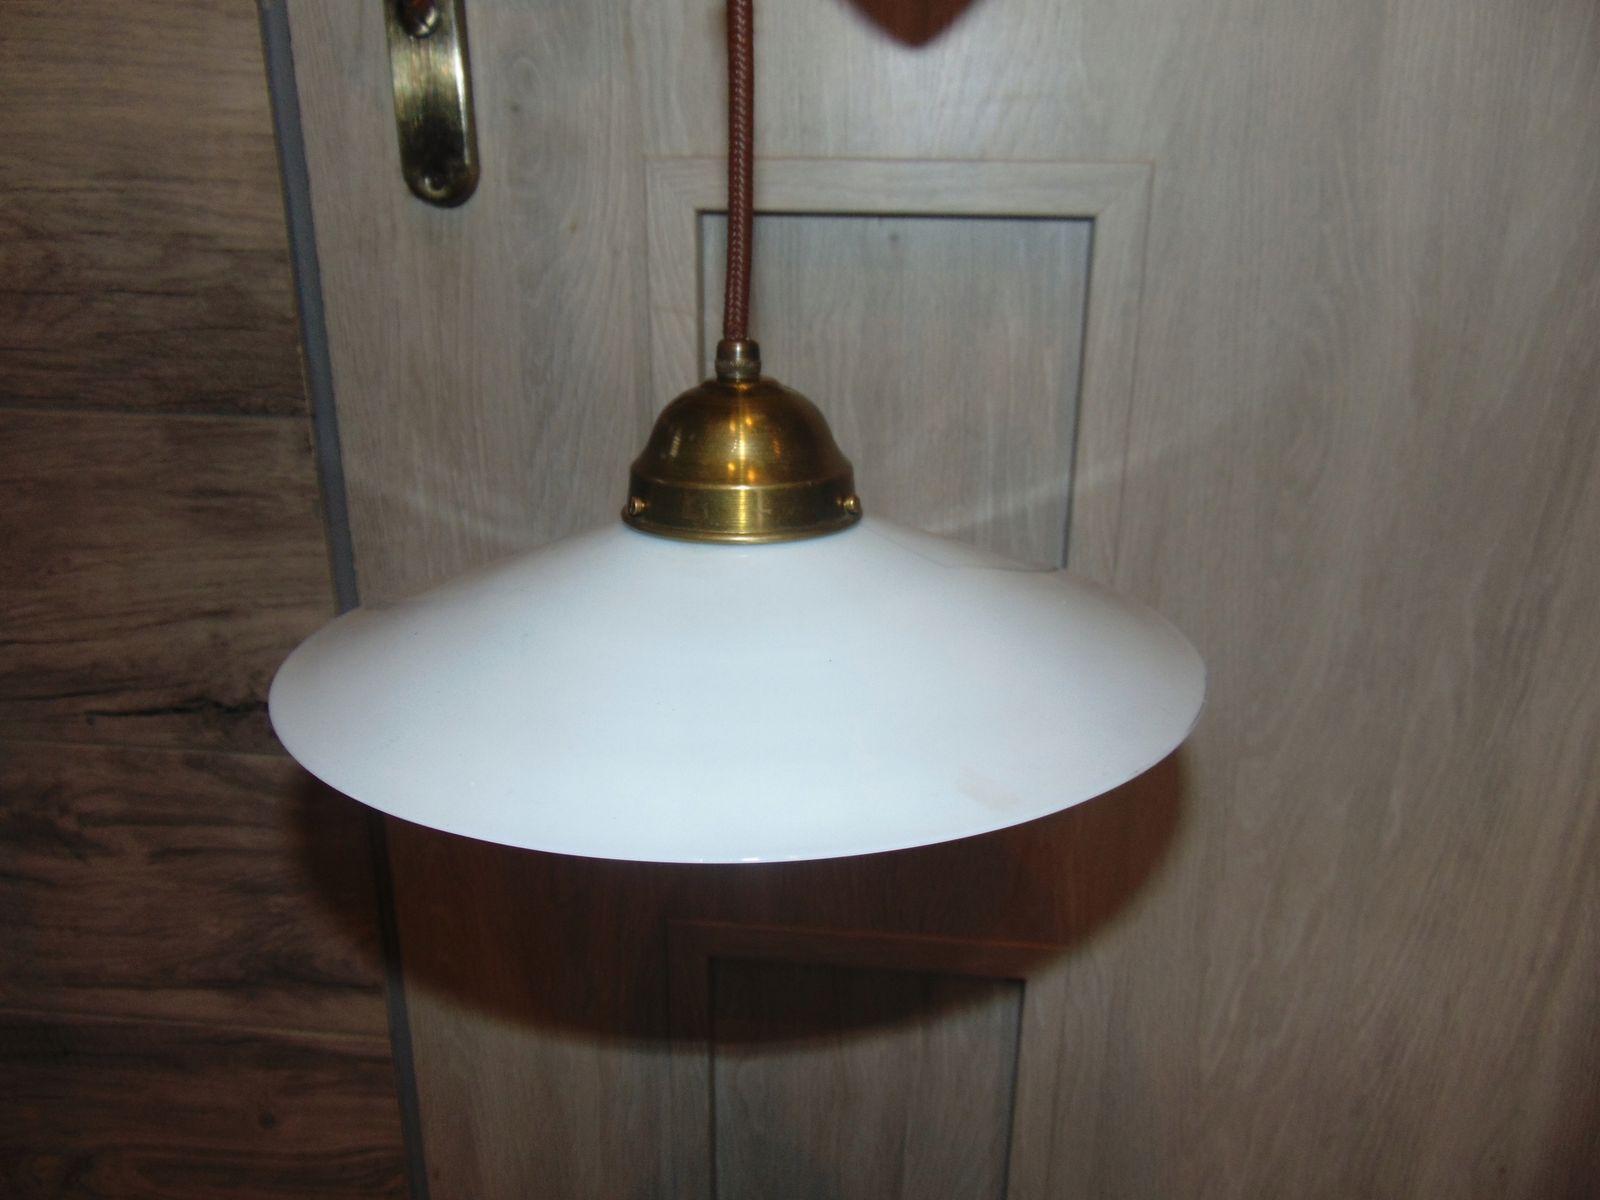 Lampada da cucina antica in porcellana in vendita su Pamono